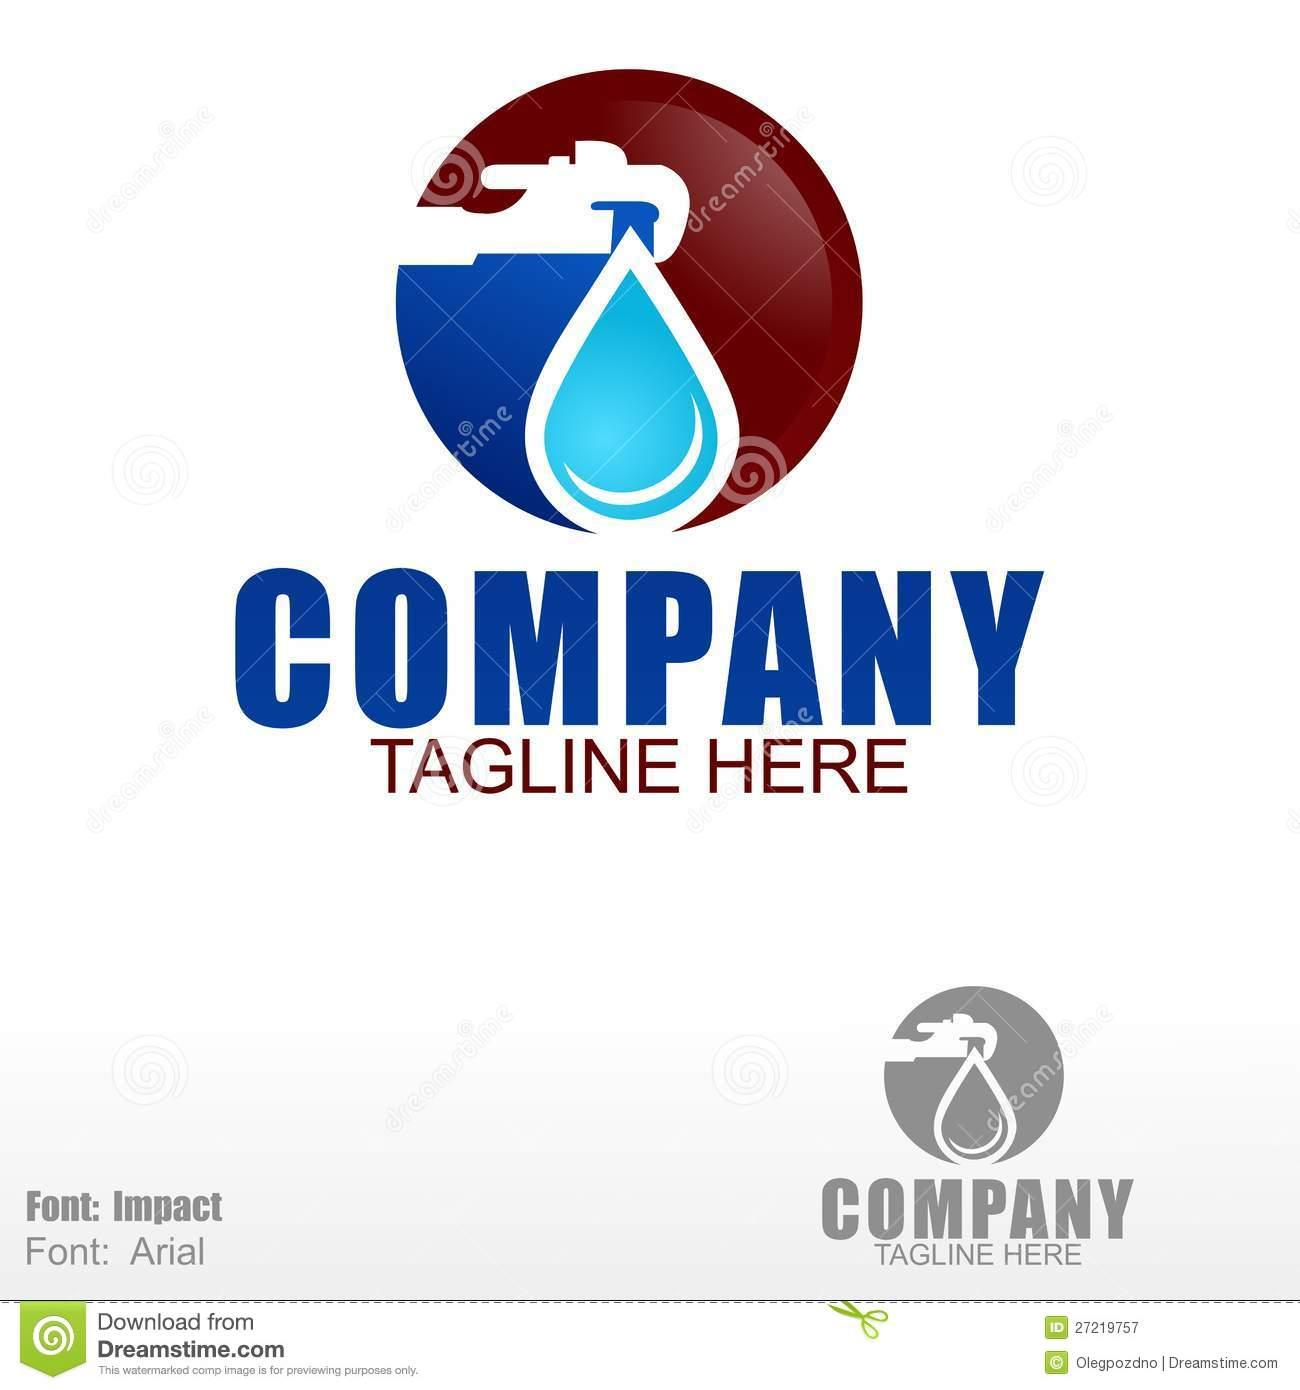 Plumbing logo clipart image royalty free Plumbing Stock Illustrations – 7,620 Plumbing Stock Illustrations ... image royalty free